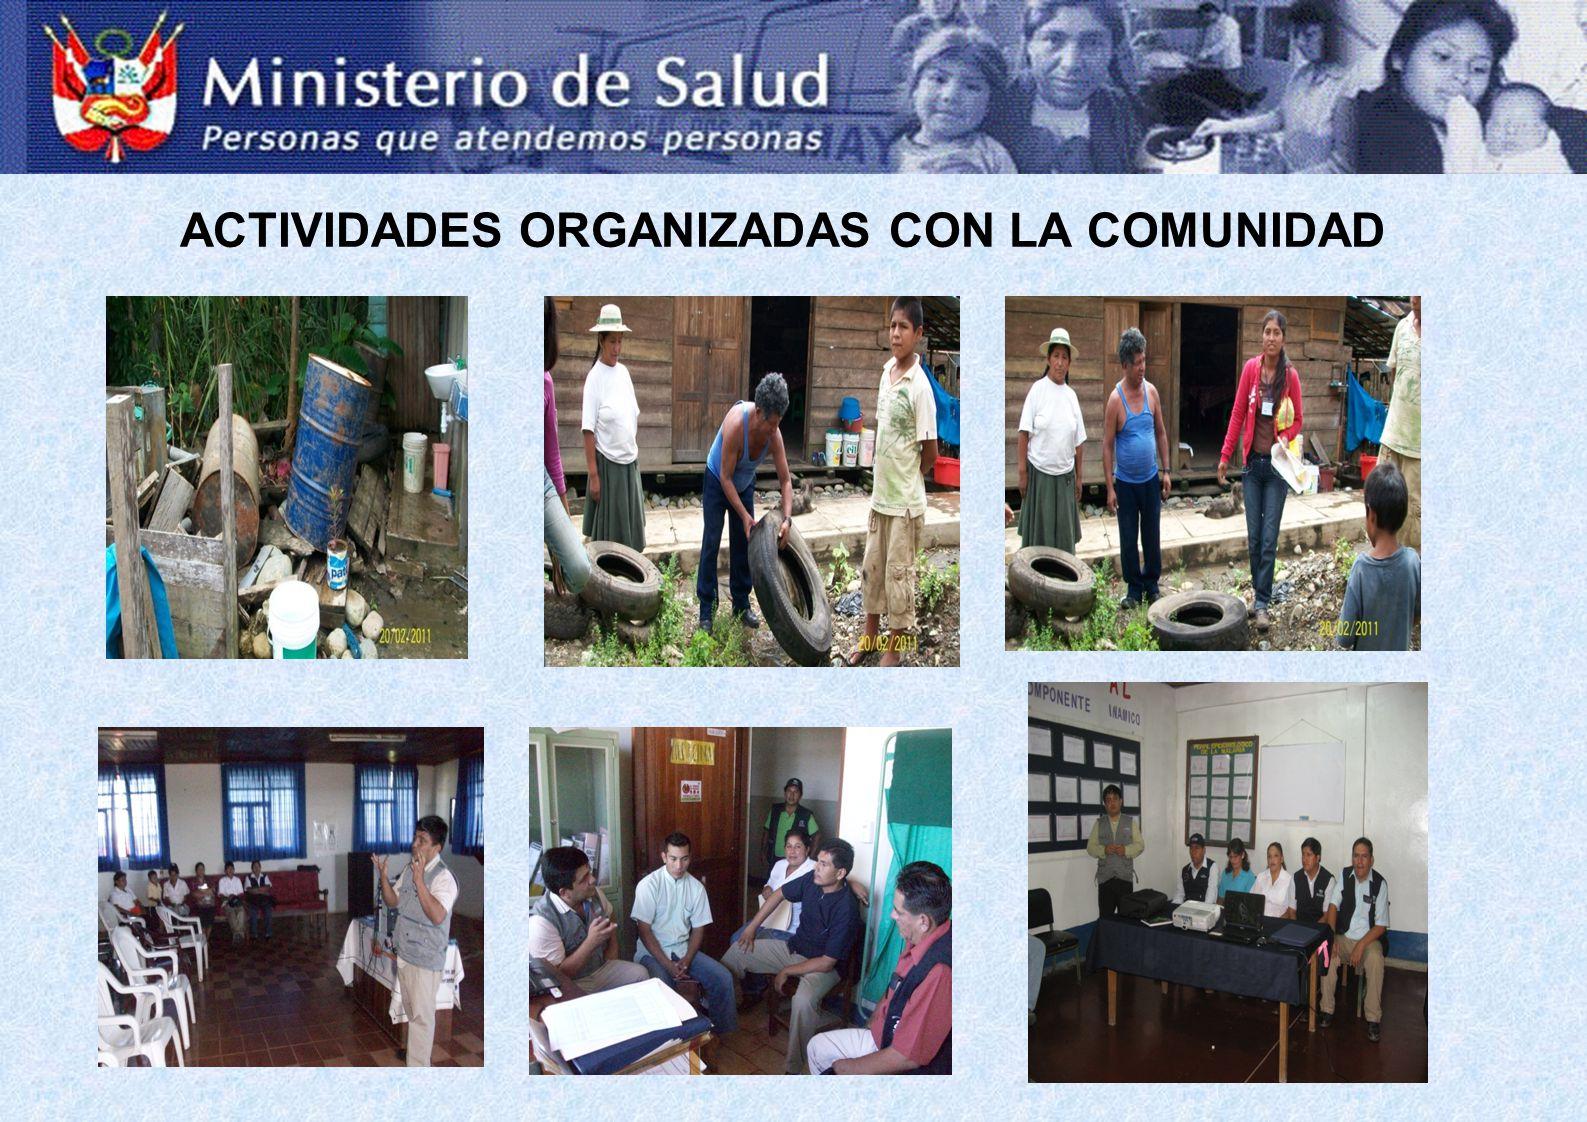 ACTIVIDADES ORGANIZADAS CON LA COMUNIDAD